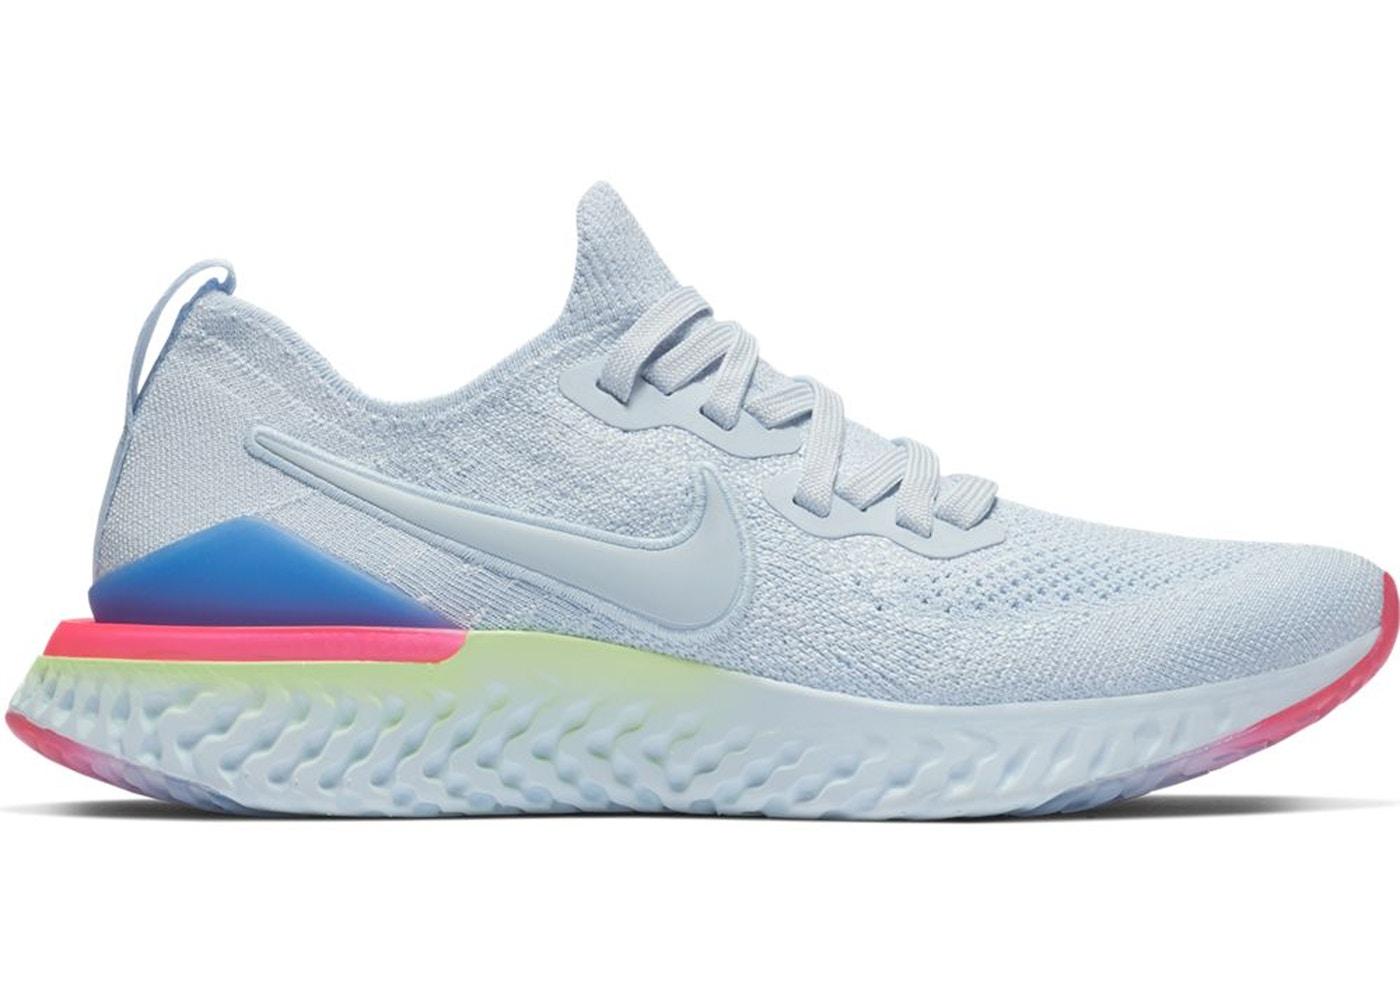 c4f2d63b35e1 Nike Epic React Flyknit 2 Hydrogen Blue Sapphire Hyper Pink (W ...